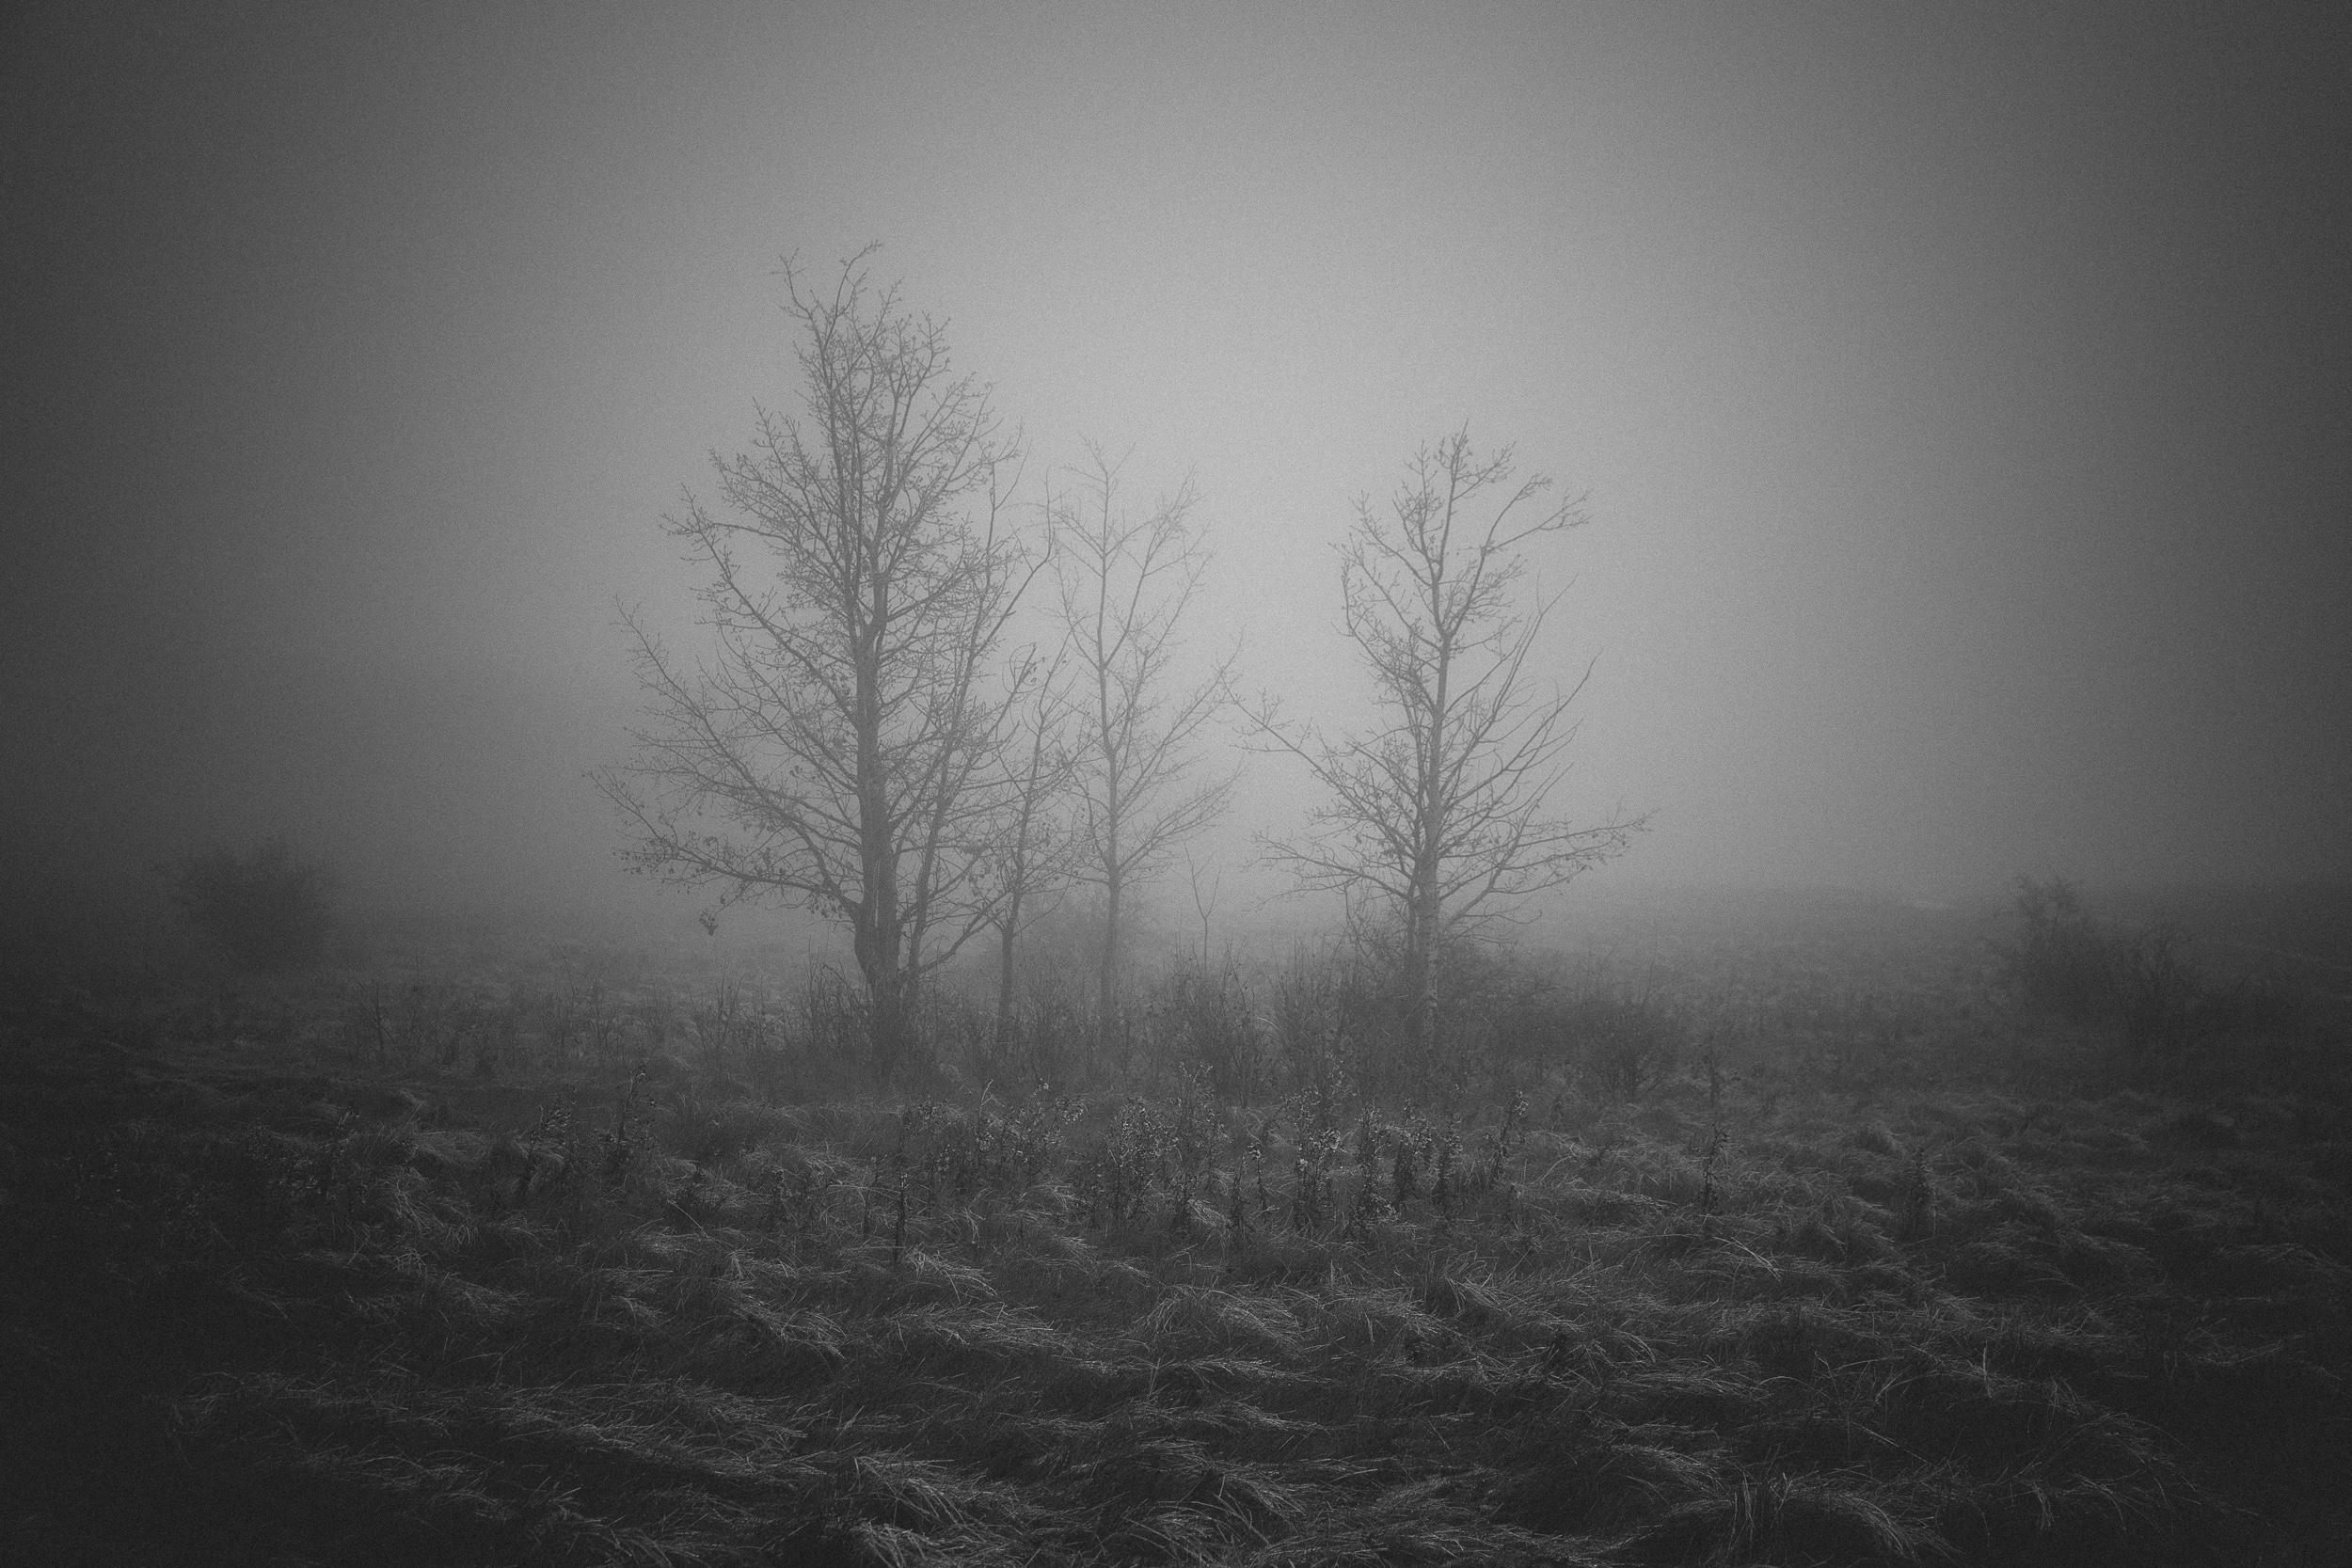 steve_seeley-haze_tree_1.jpg